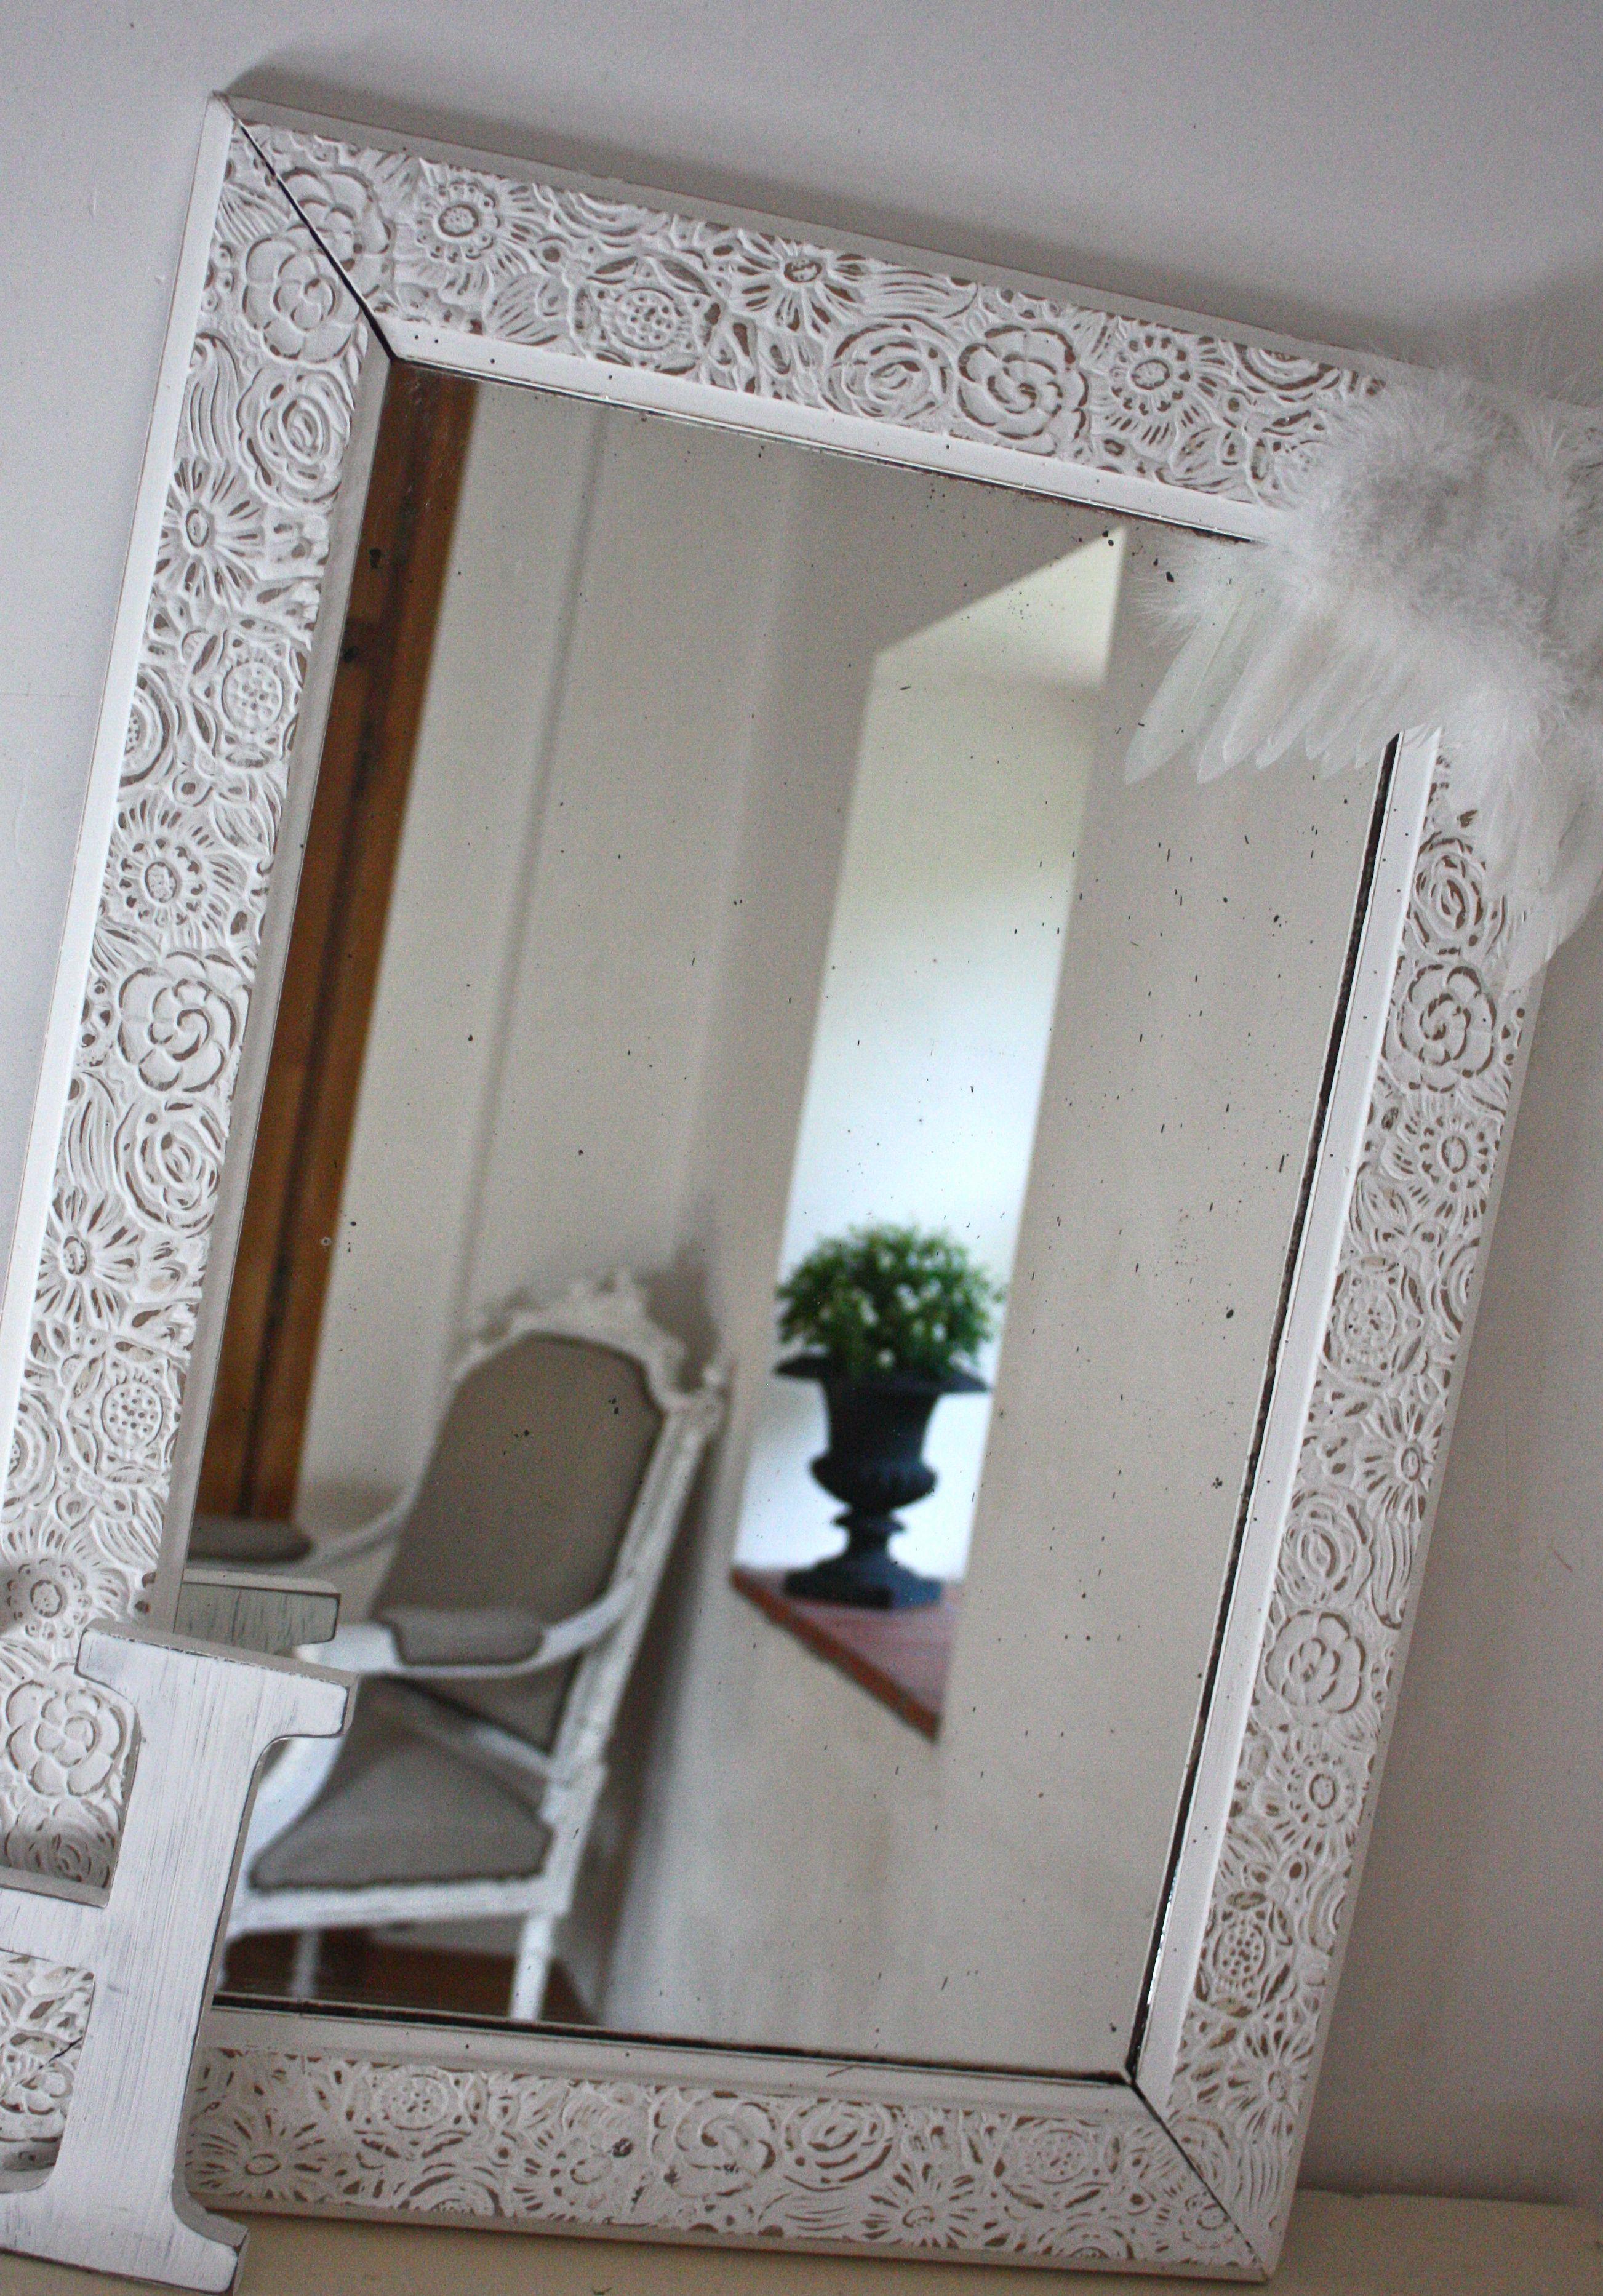 Objets anciens, cadre, miroir, chandelier, lampe, vintage ...